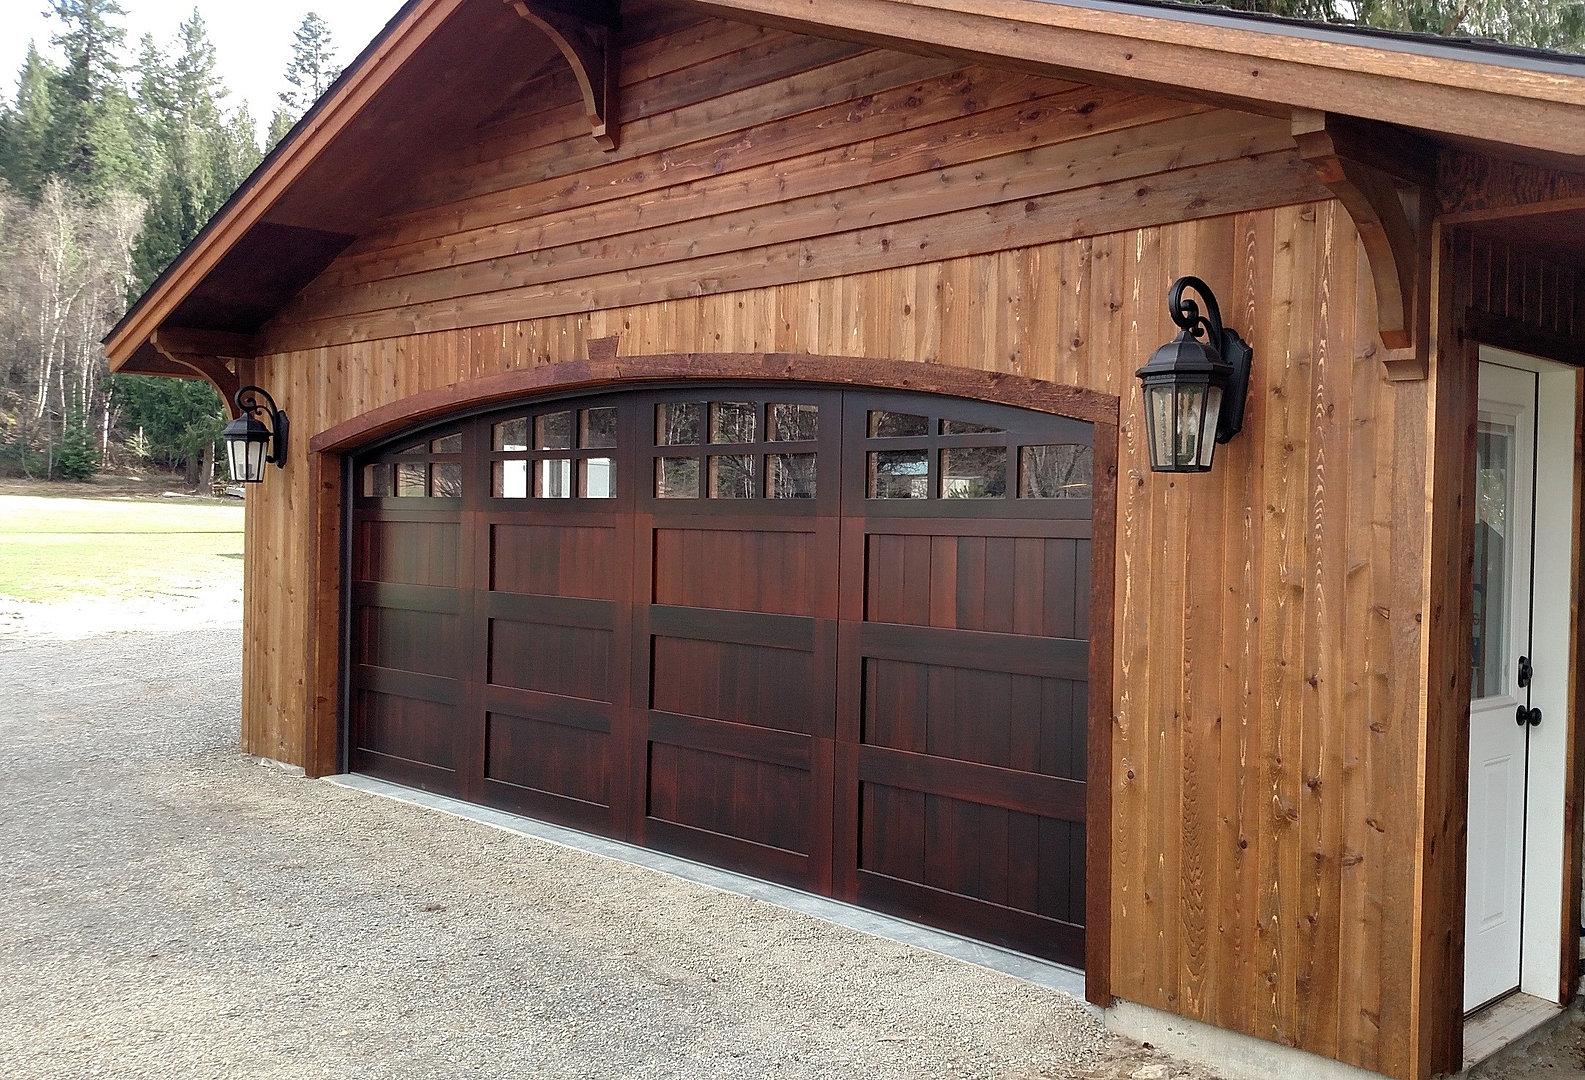 1080 #8D613E Valencia Ca Garage Doors Garage Door Installers Newport Beach image Garage Doors Delaware 37431585